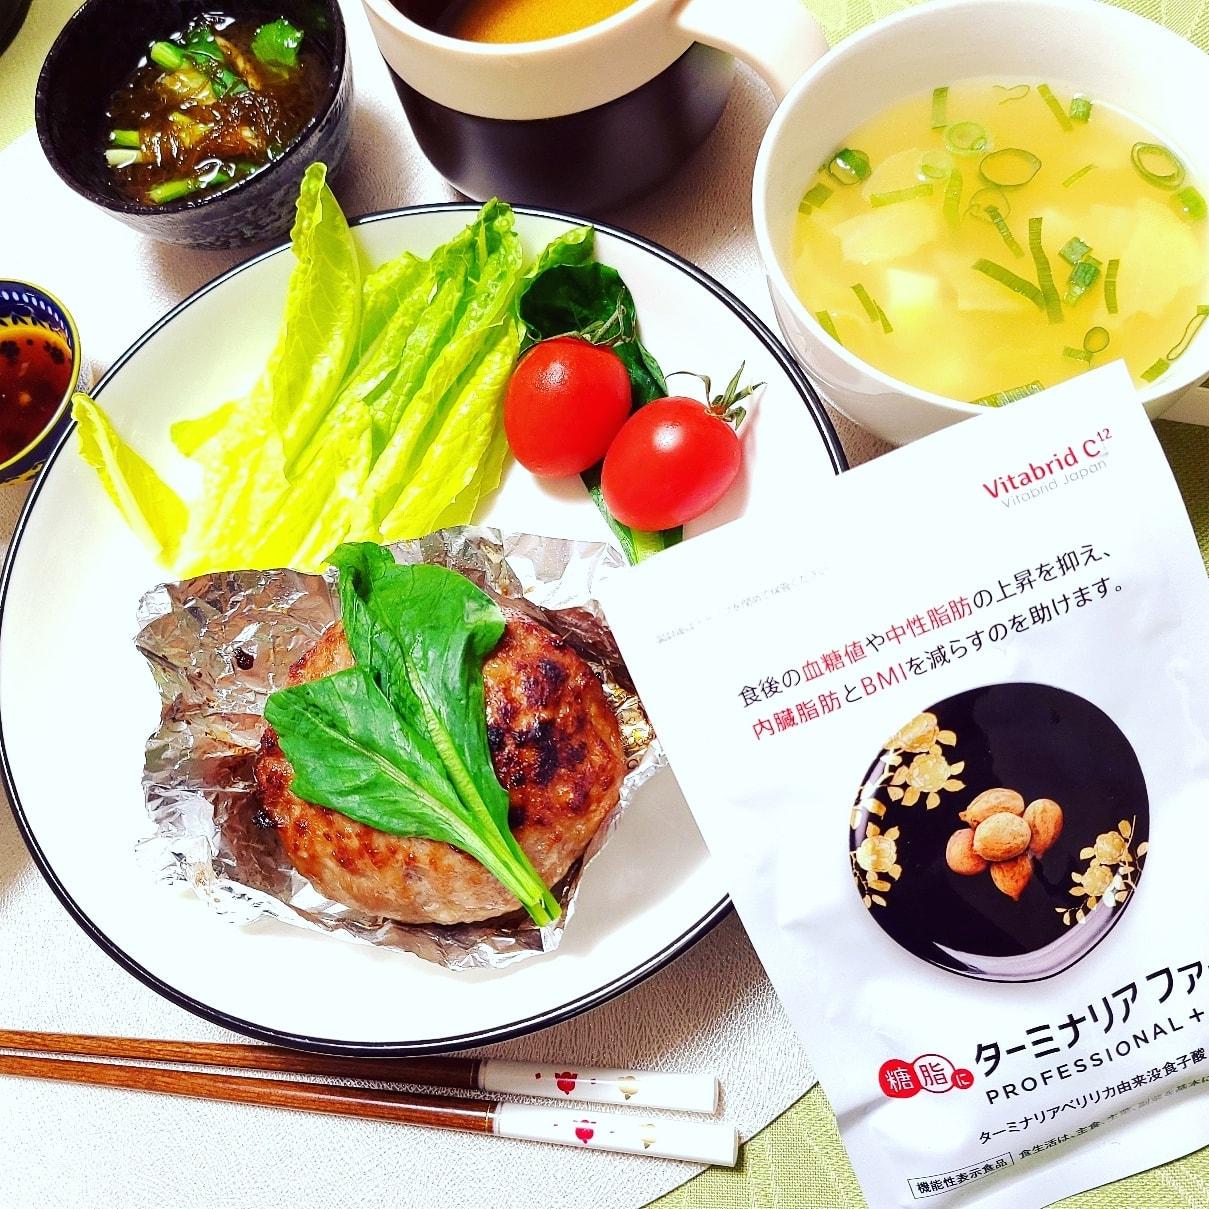 口コミ投稿:おうちごはんとともに食を楽しみダイエット中の主人の日課株式会社ビタブリッドジャ…